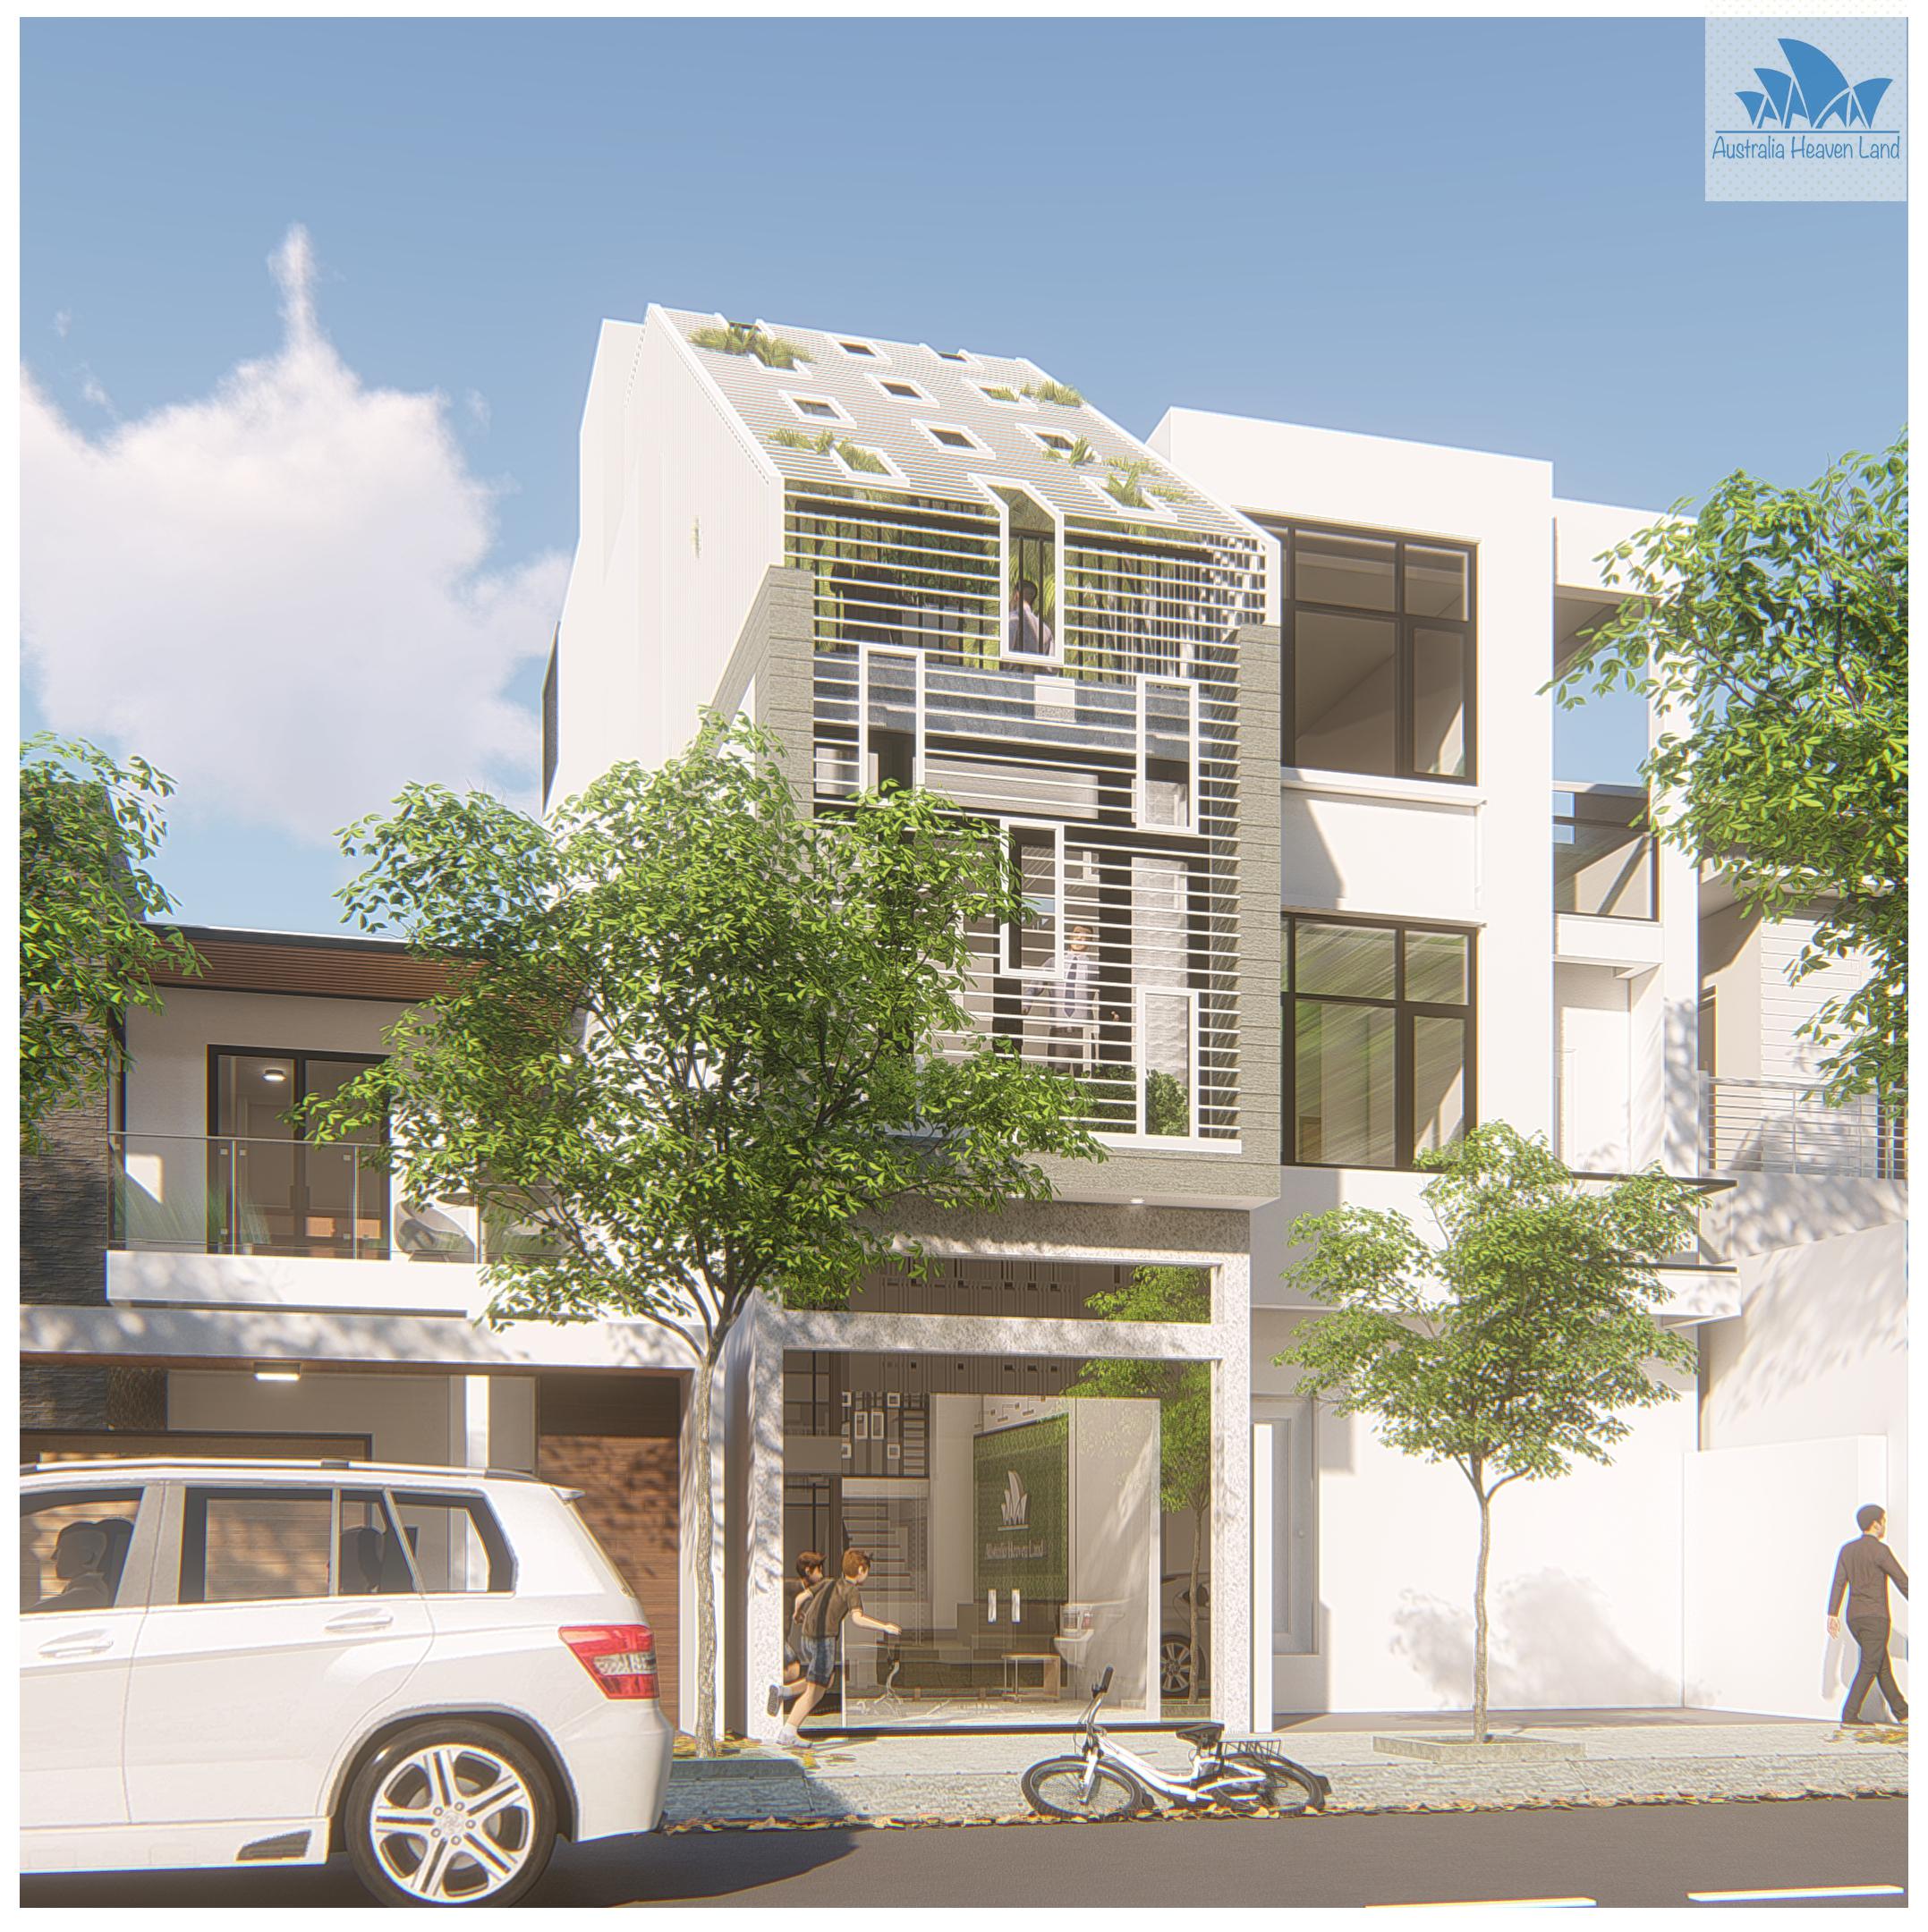 Thiết kế Nhà Mặt Phố tại Hồ Chí Minh 211 TQD 1597654092 1